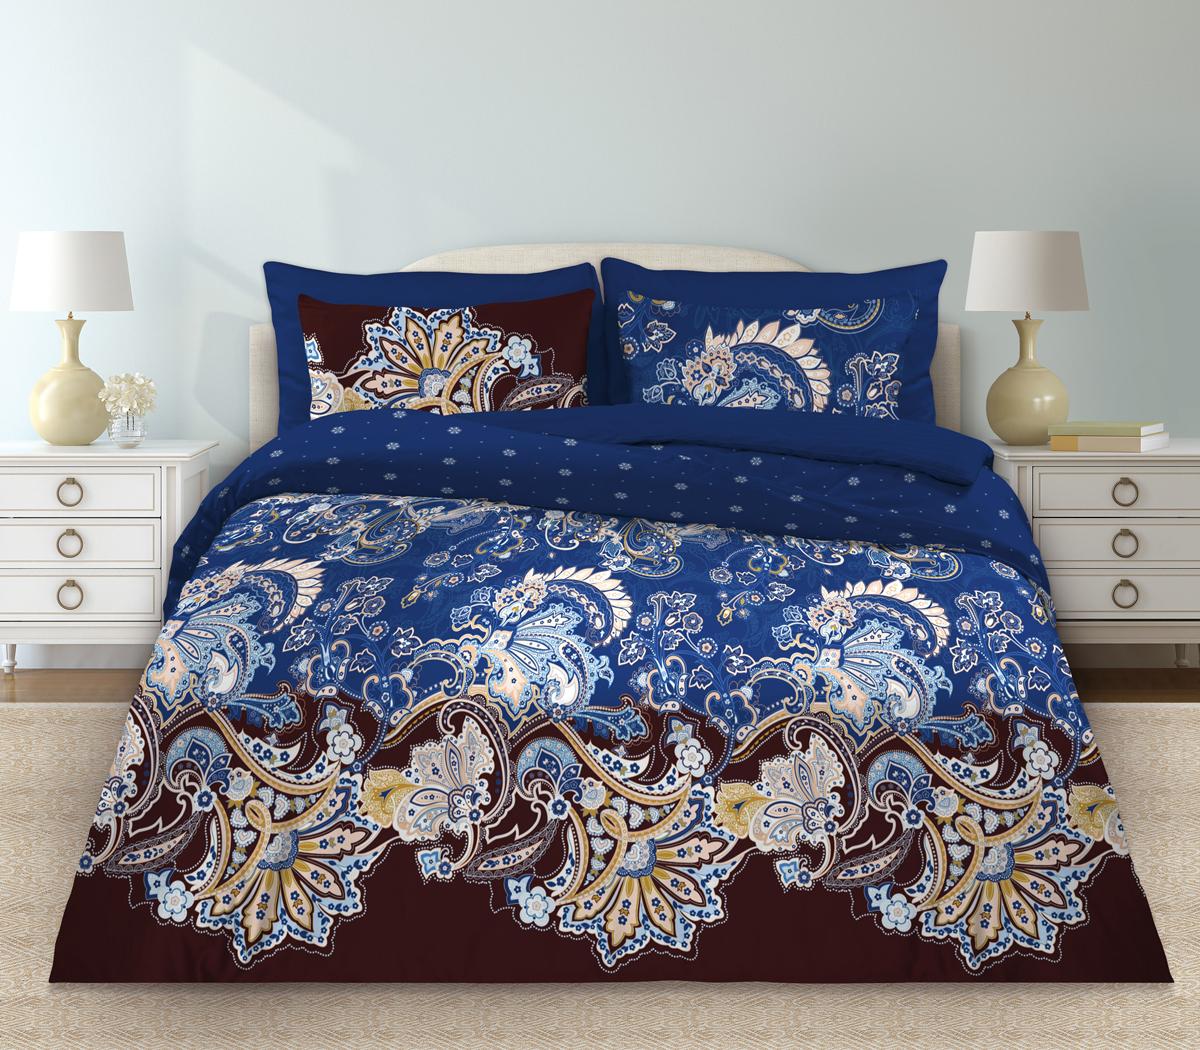 Комплект белья Любимый дом Болеро, 1,5 спальное, наволочки 70 х 70, цвет: синий. 331090331090Комплект постельного белья коллекции «Любимый дом» - выполнен из высококачественной ткани из 100% хлопка. Такое белье абсолютно натуральное, гипоаллергенное, соответствует строжайшим экологическим нормам безопасности, комфортное, дышащее, не нарушает естественные процессы терморегуляции, прочное, не линяет, не деформируется и не теряет своих красок даже после многочисленных стирок, а также отличается хорошей износостойкостью.